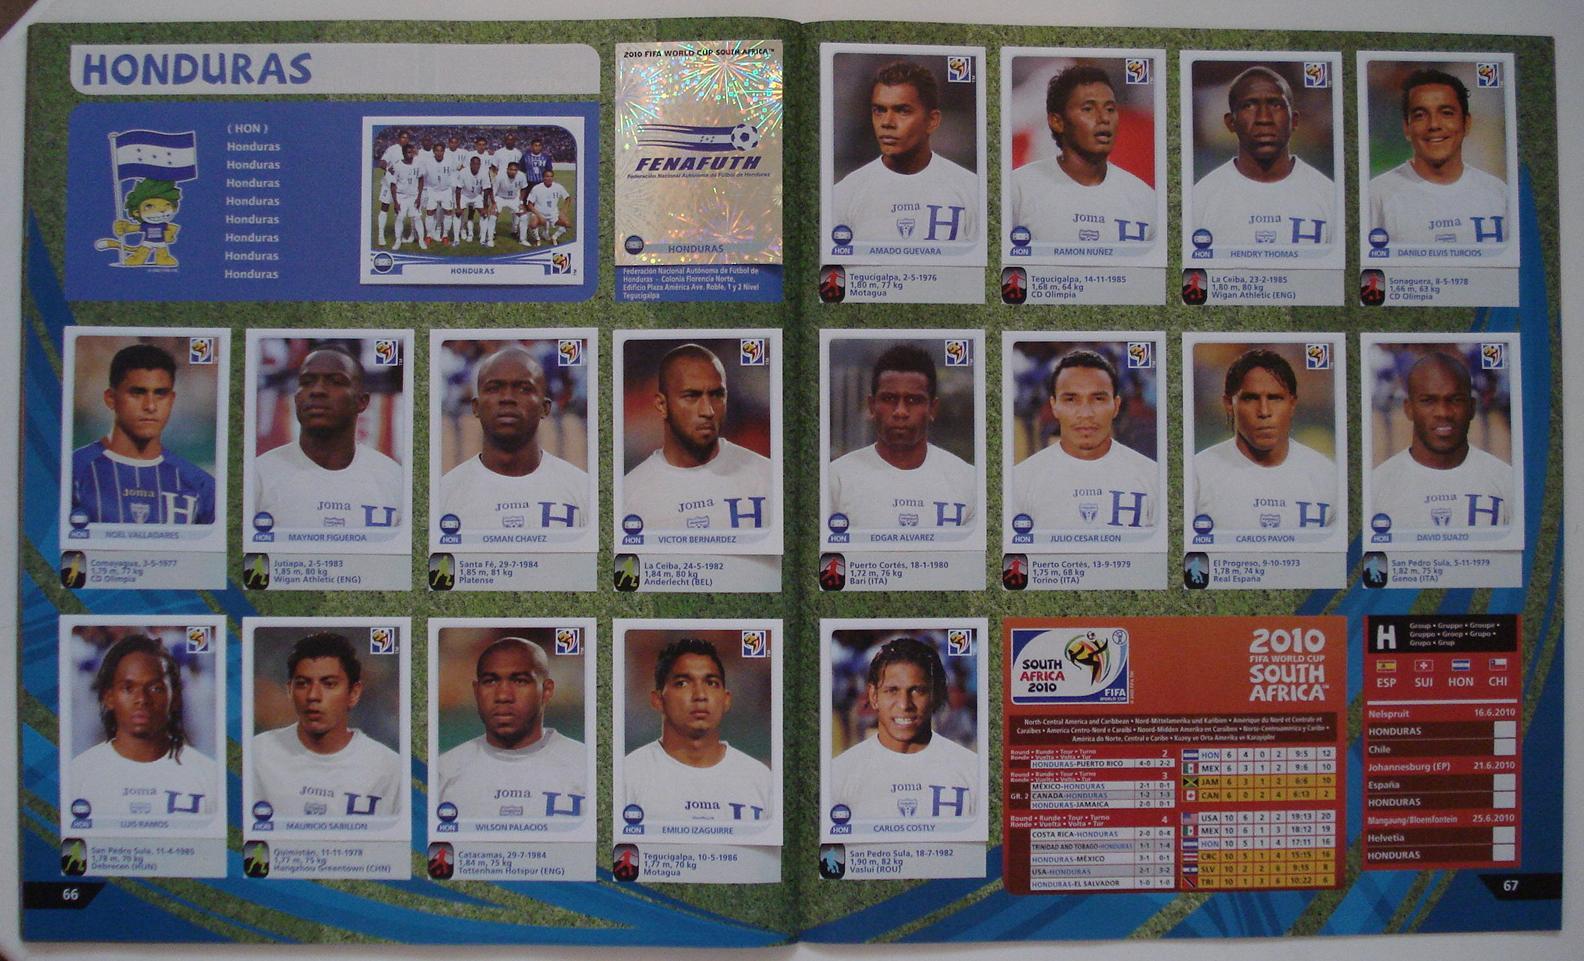 PANINI 533 Kanga akale Costa d/'Avorio FIFA World Cup 2010 Sudafrica